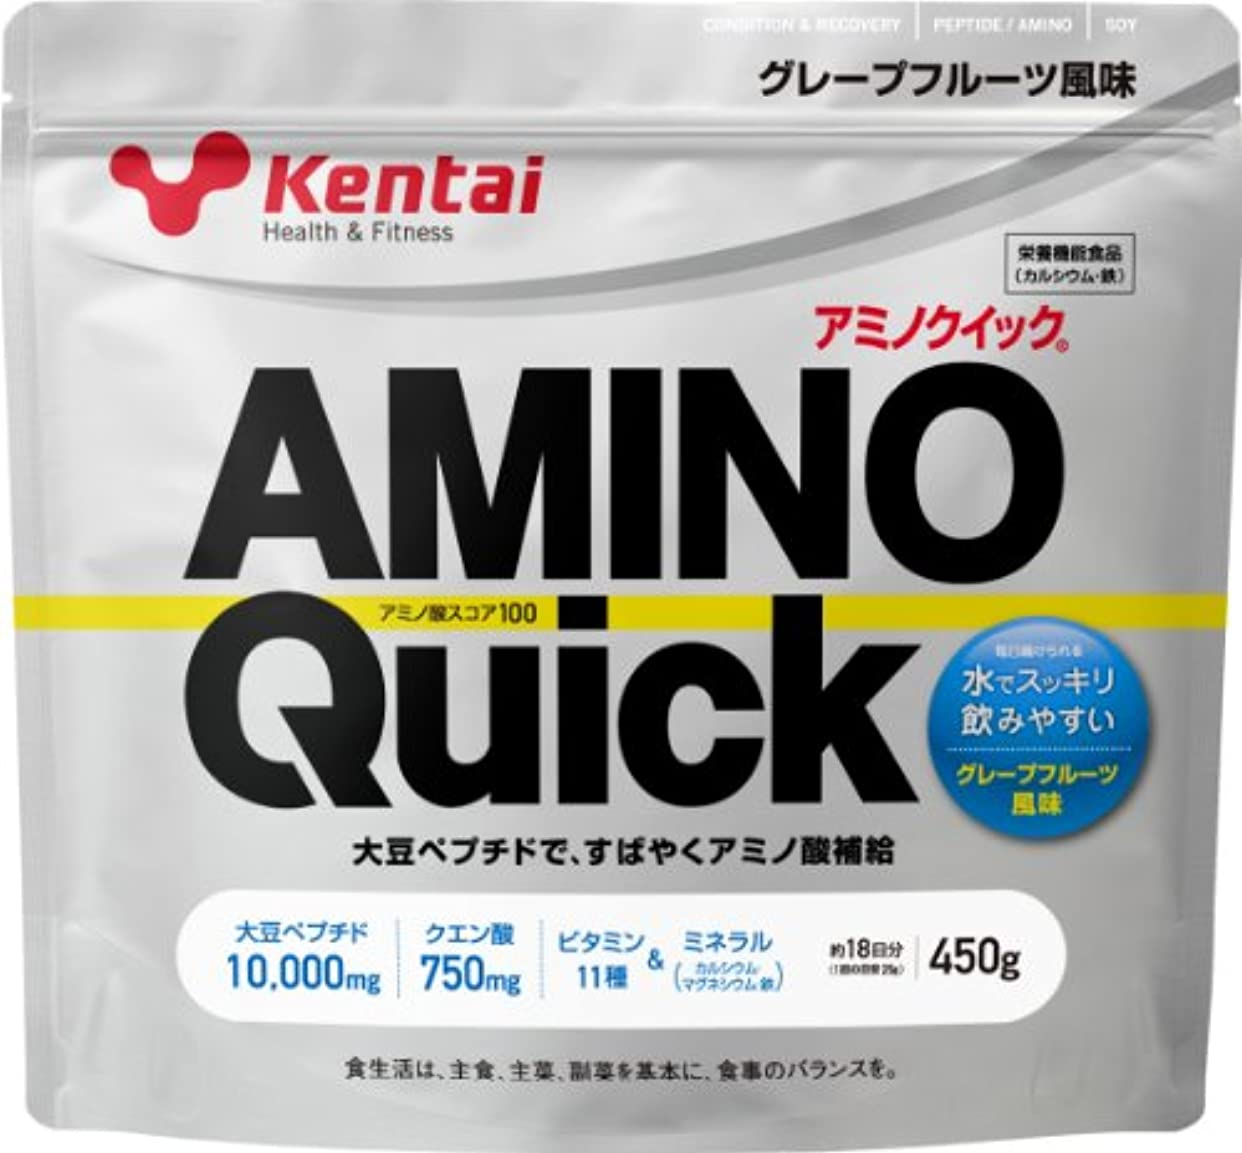 ほぼカルシウム呼び起こすKentai アミノクイック グレープフルーツ 450g